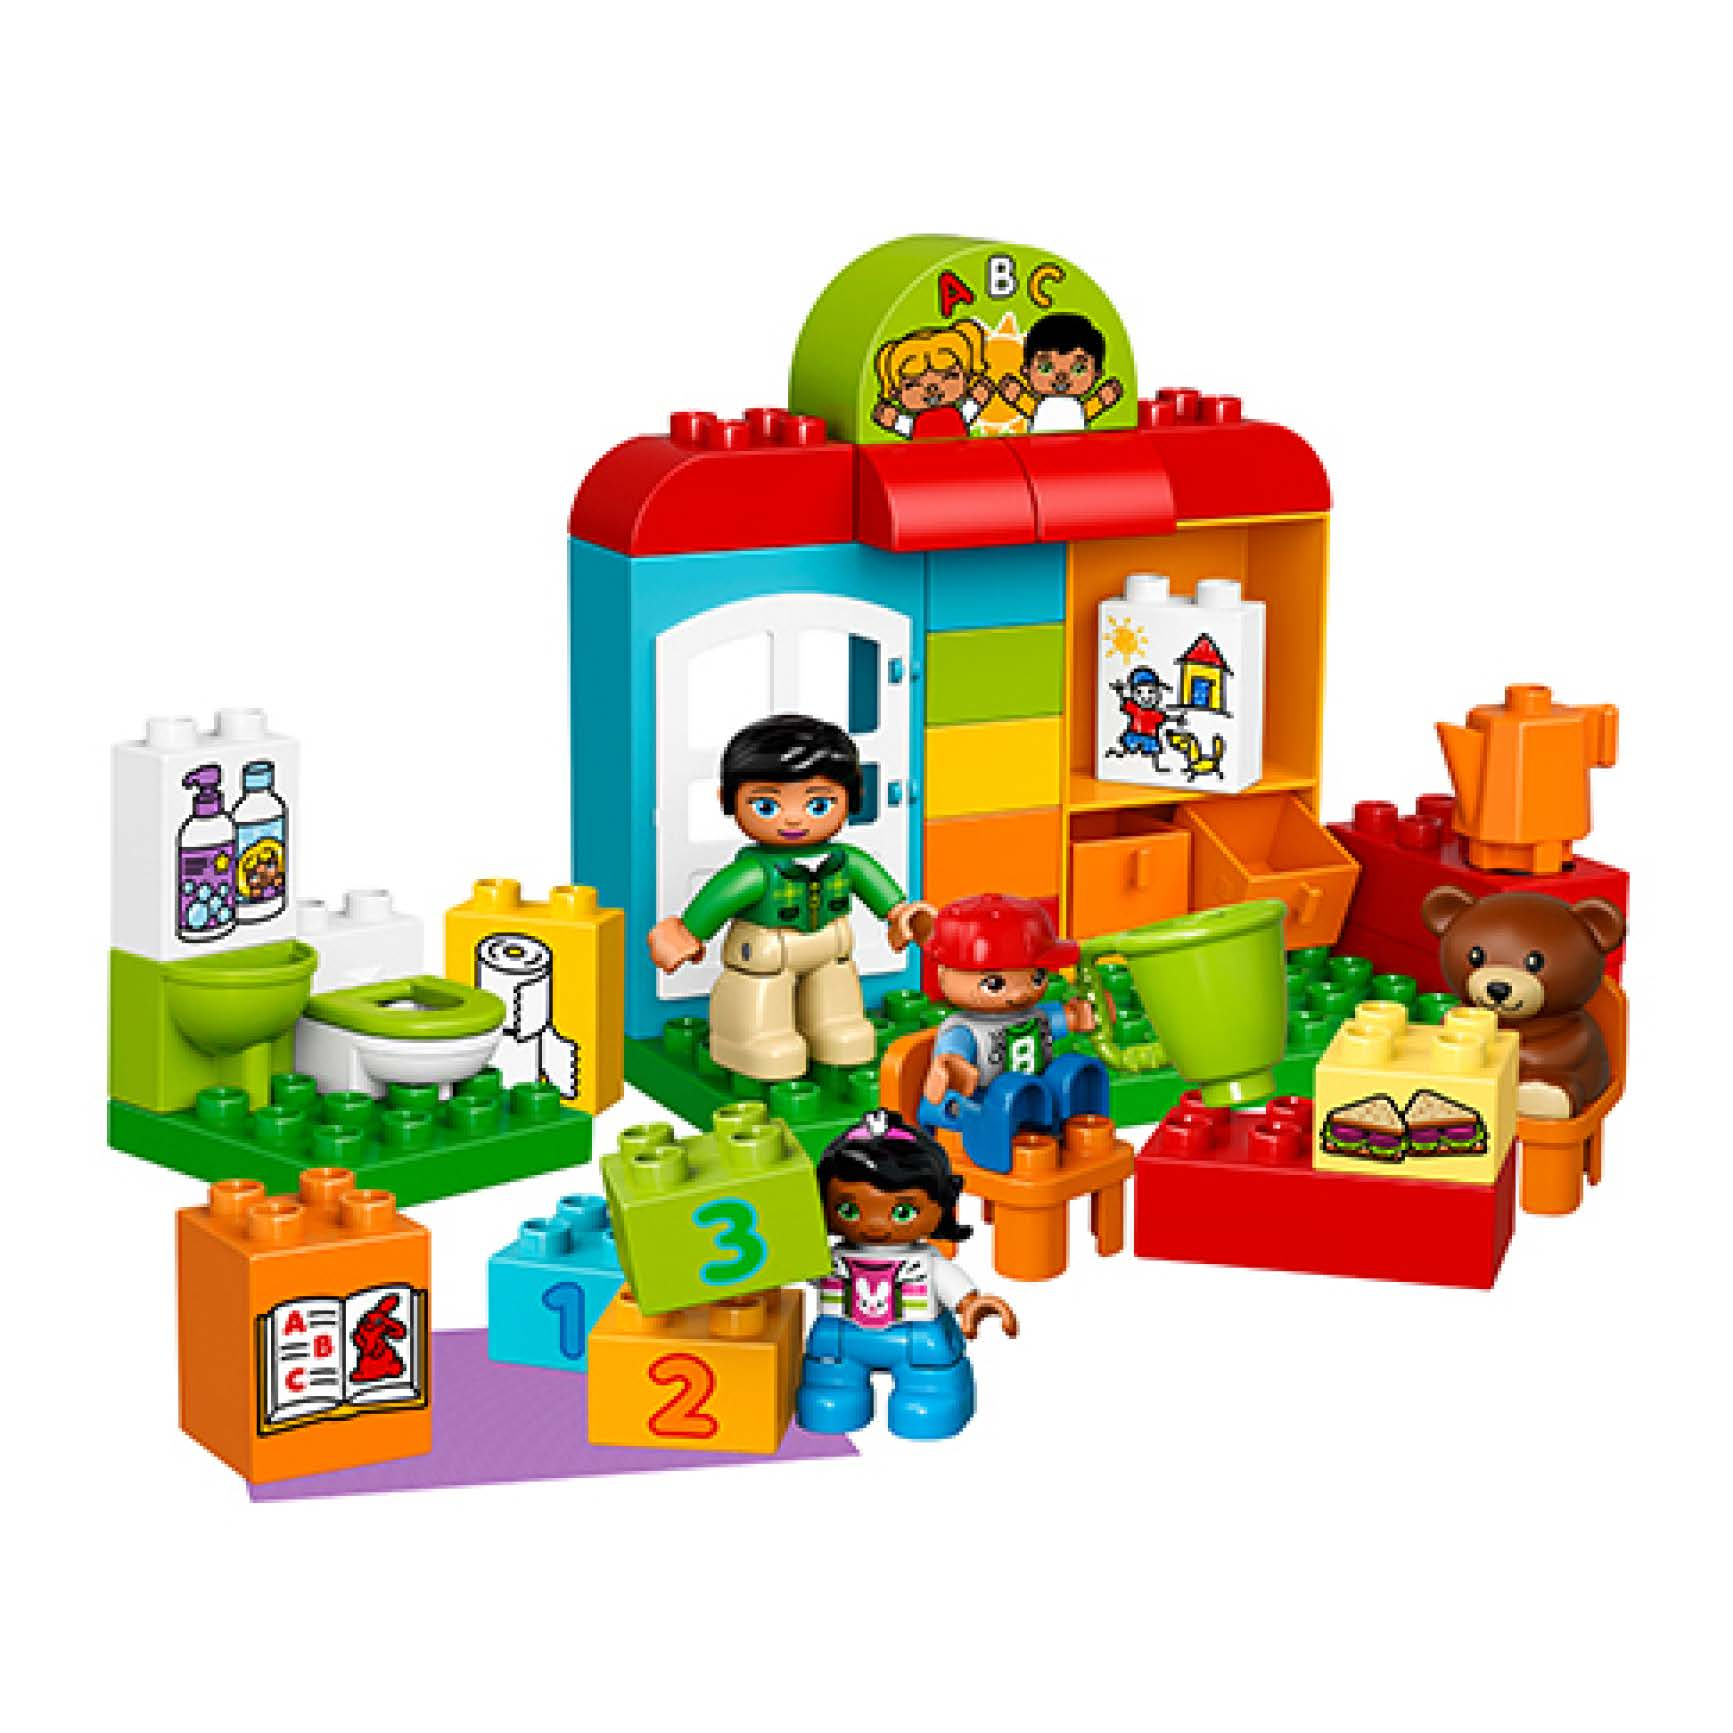 乐高得宝系列10833幼儿园 lego duplo 积木玩具